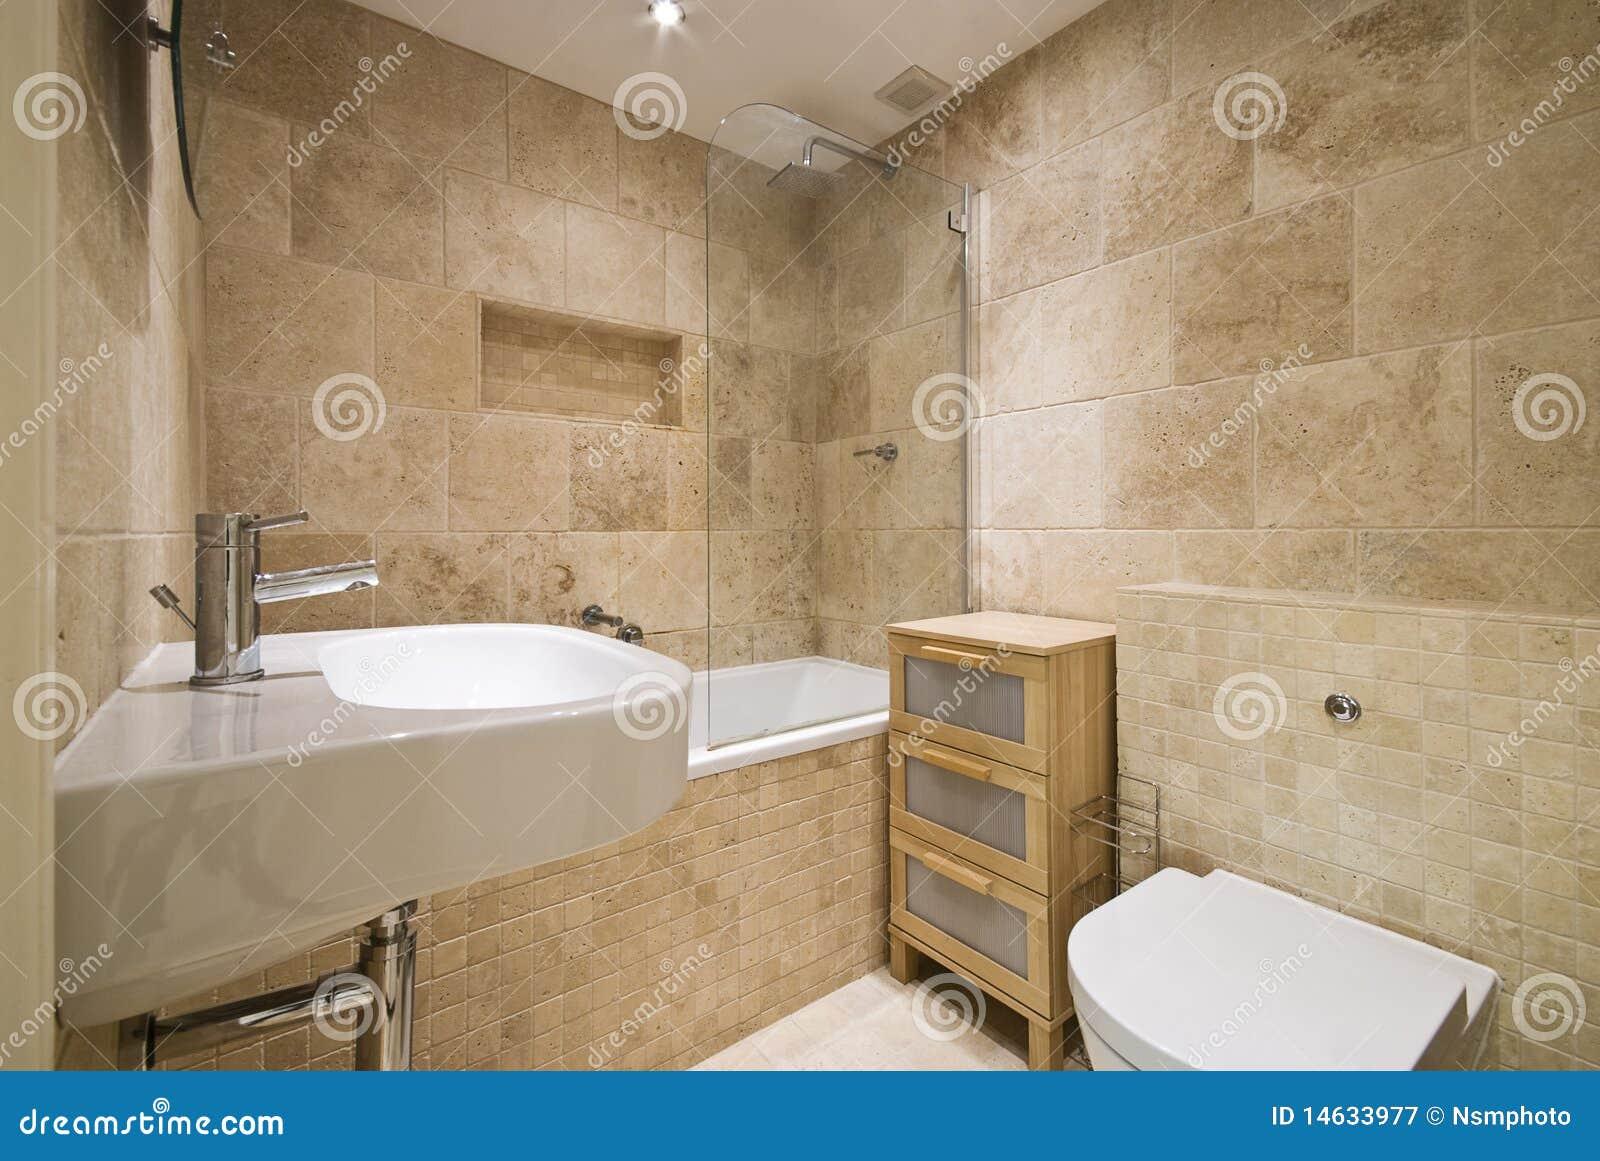 Droits: salle de bains de luxe moderne avec les murs lapidés normaux